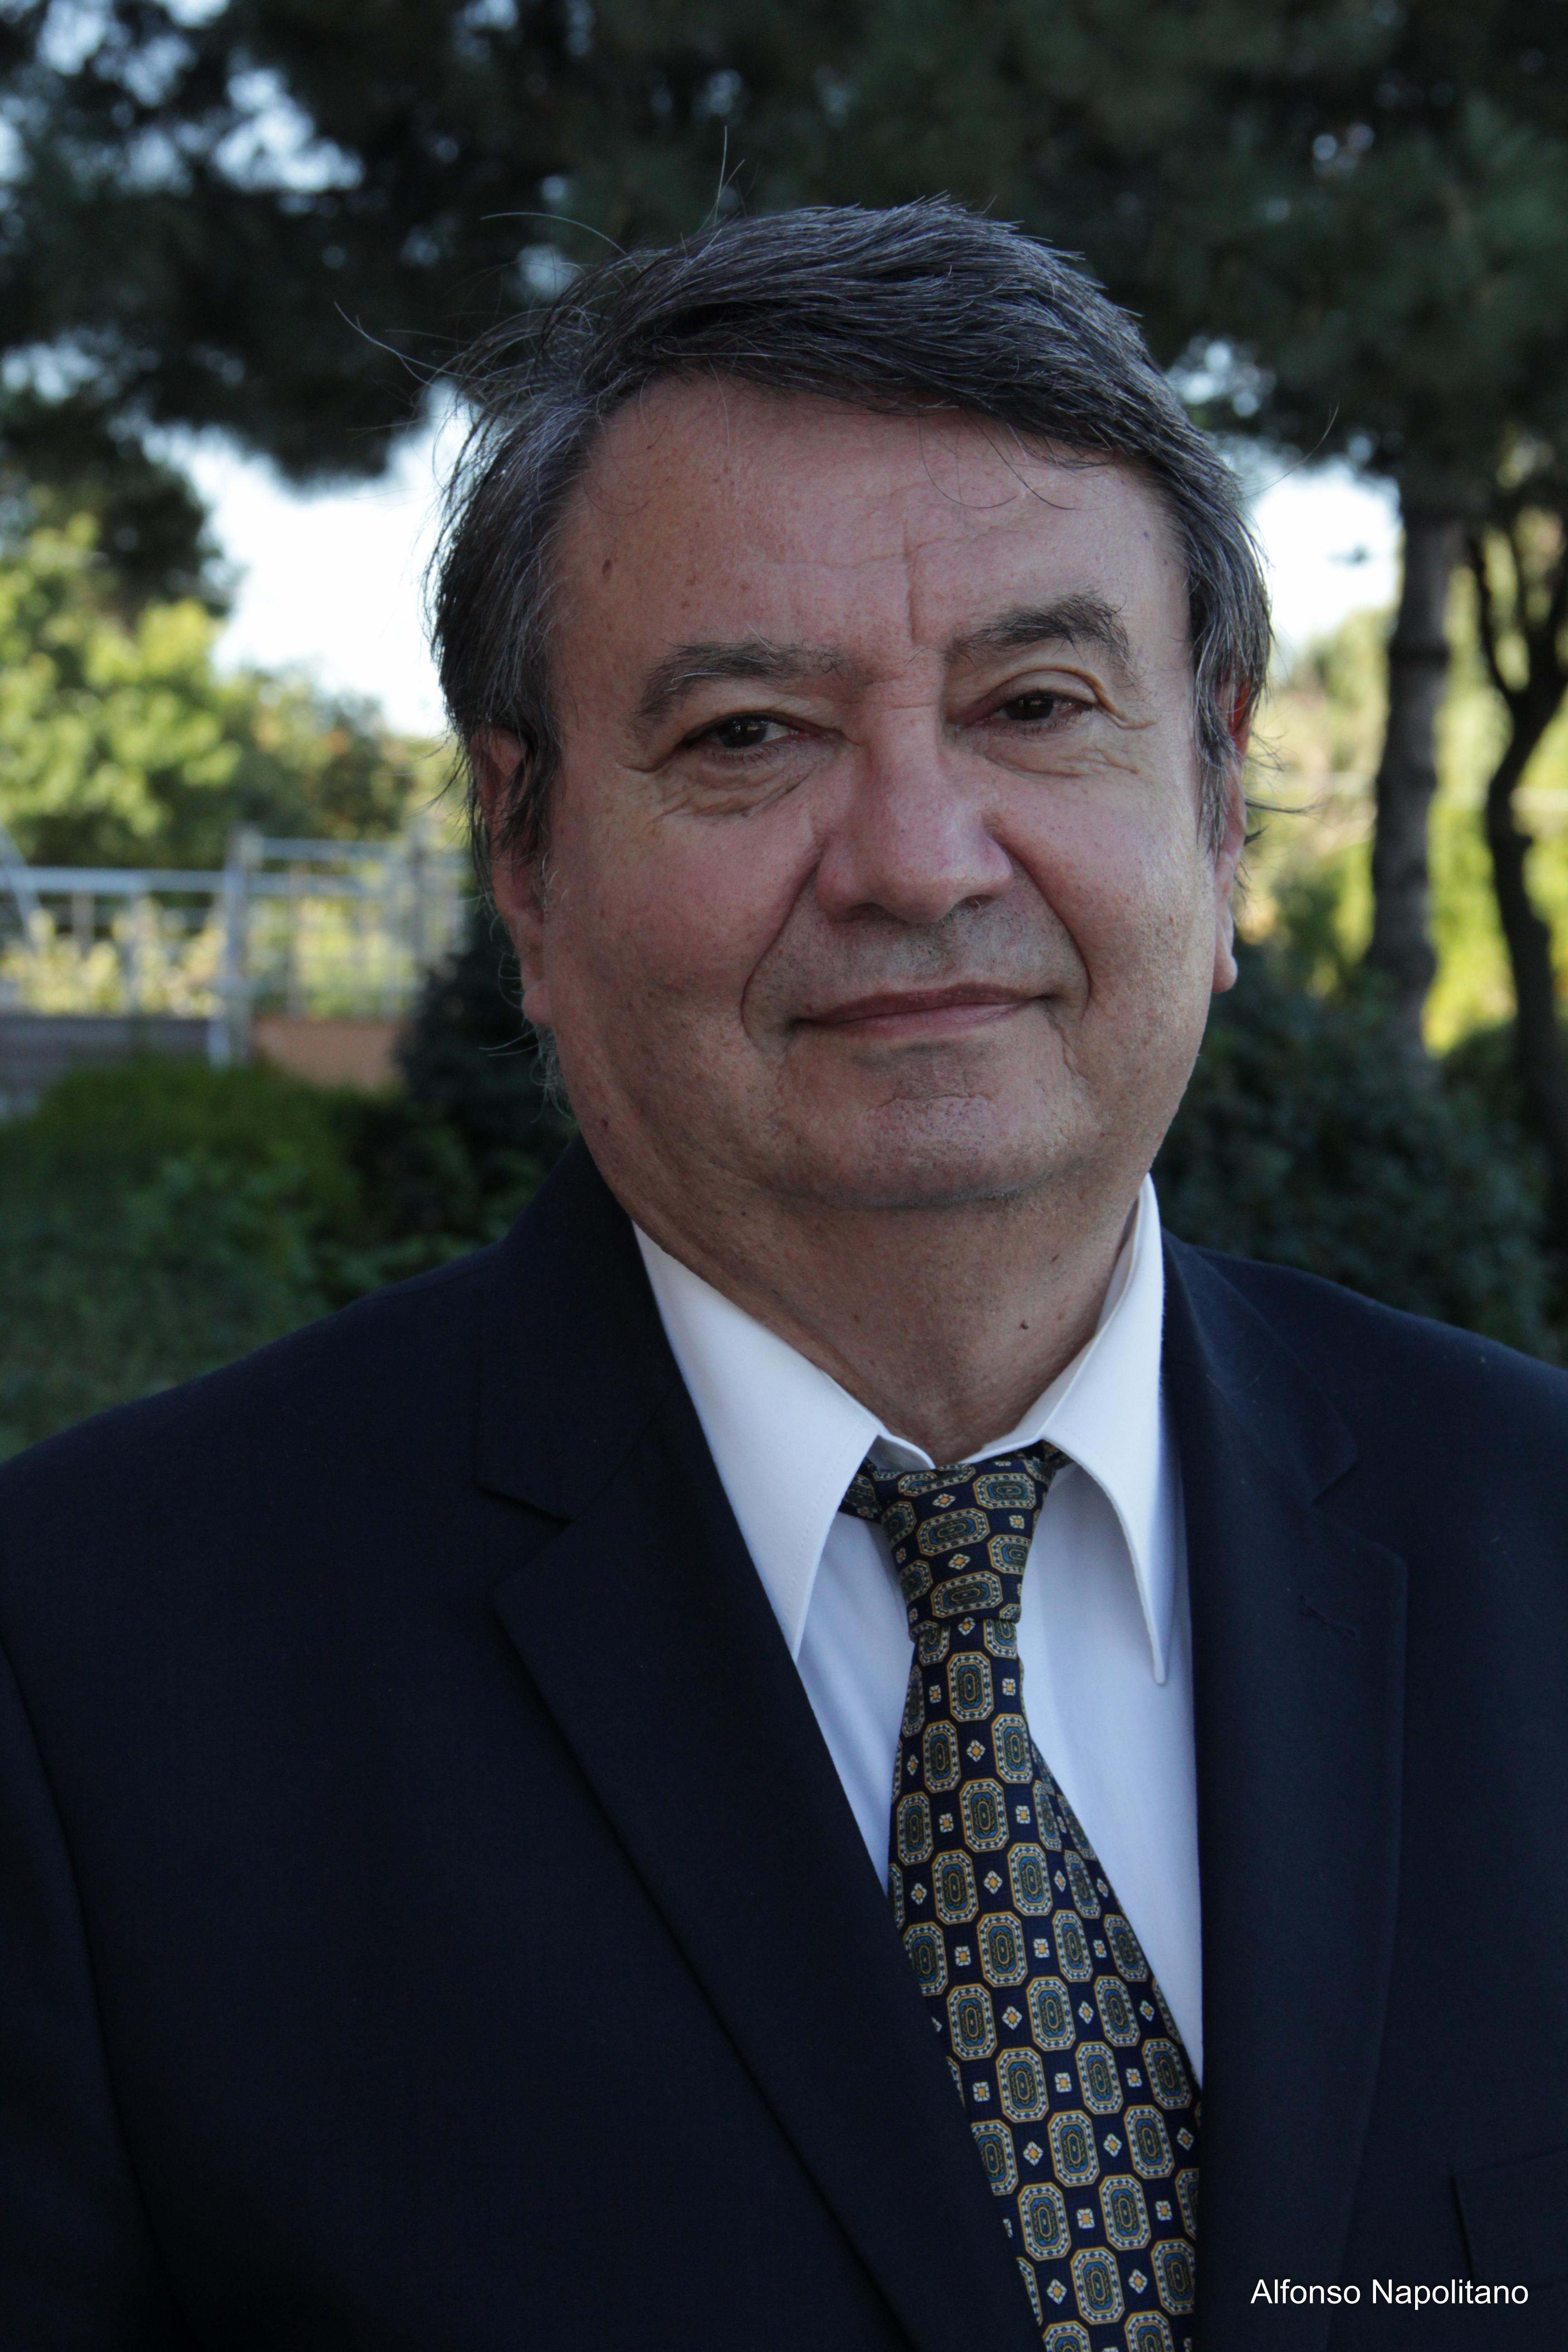 Ioa Deaconescu